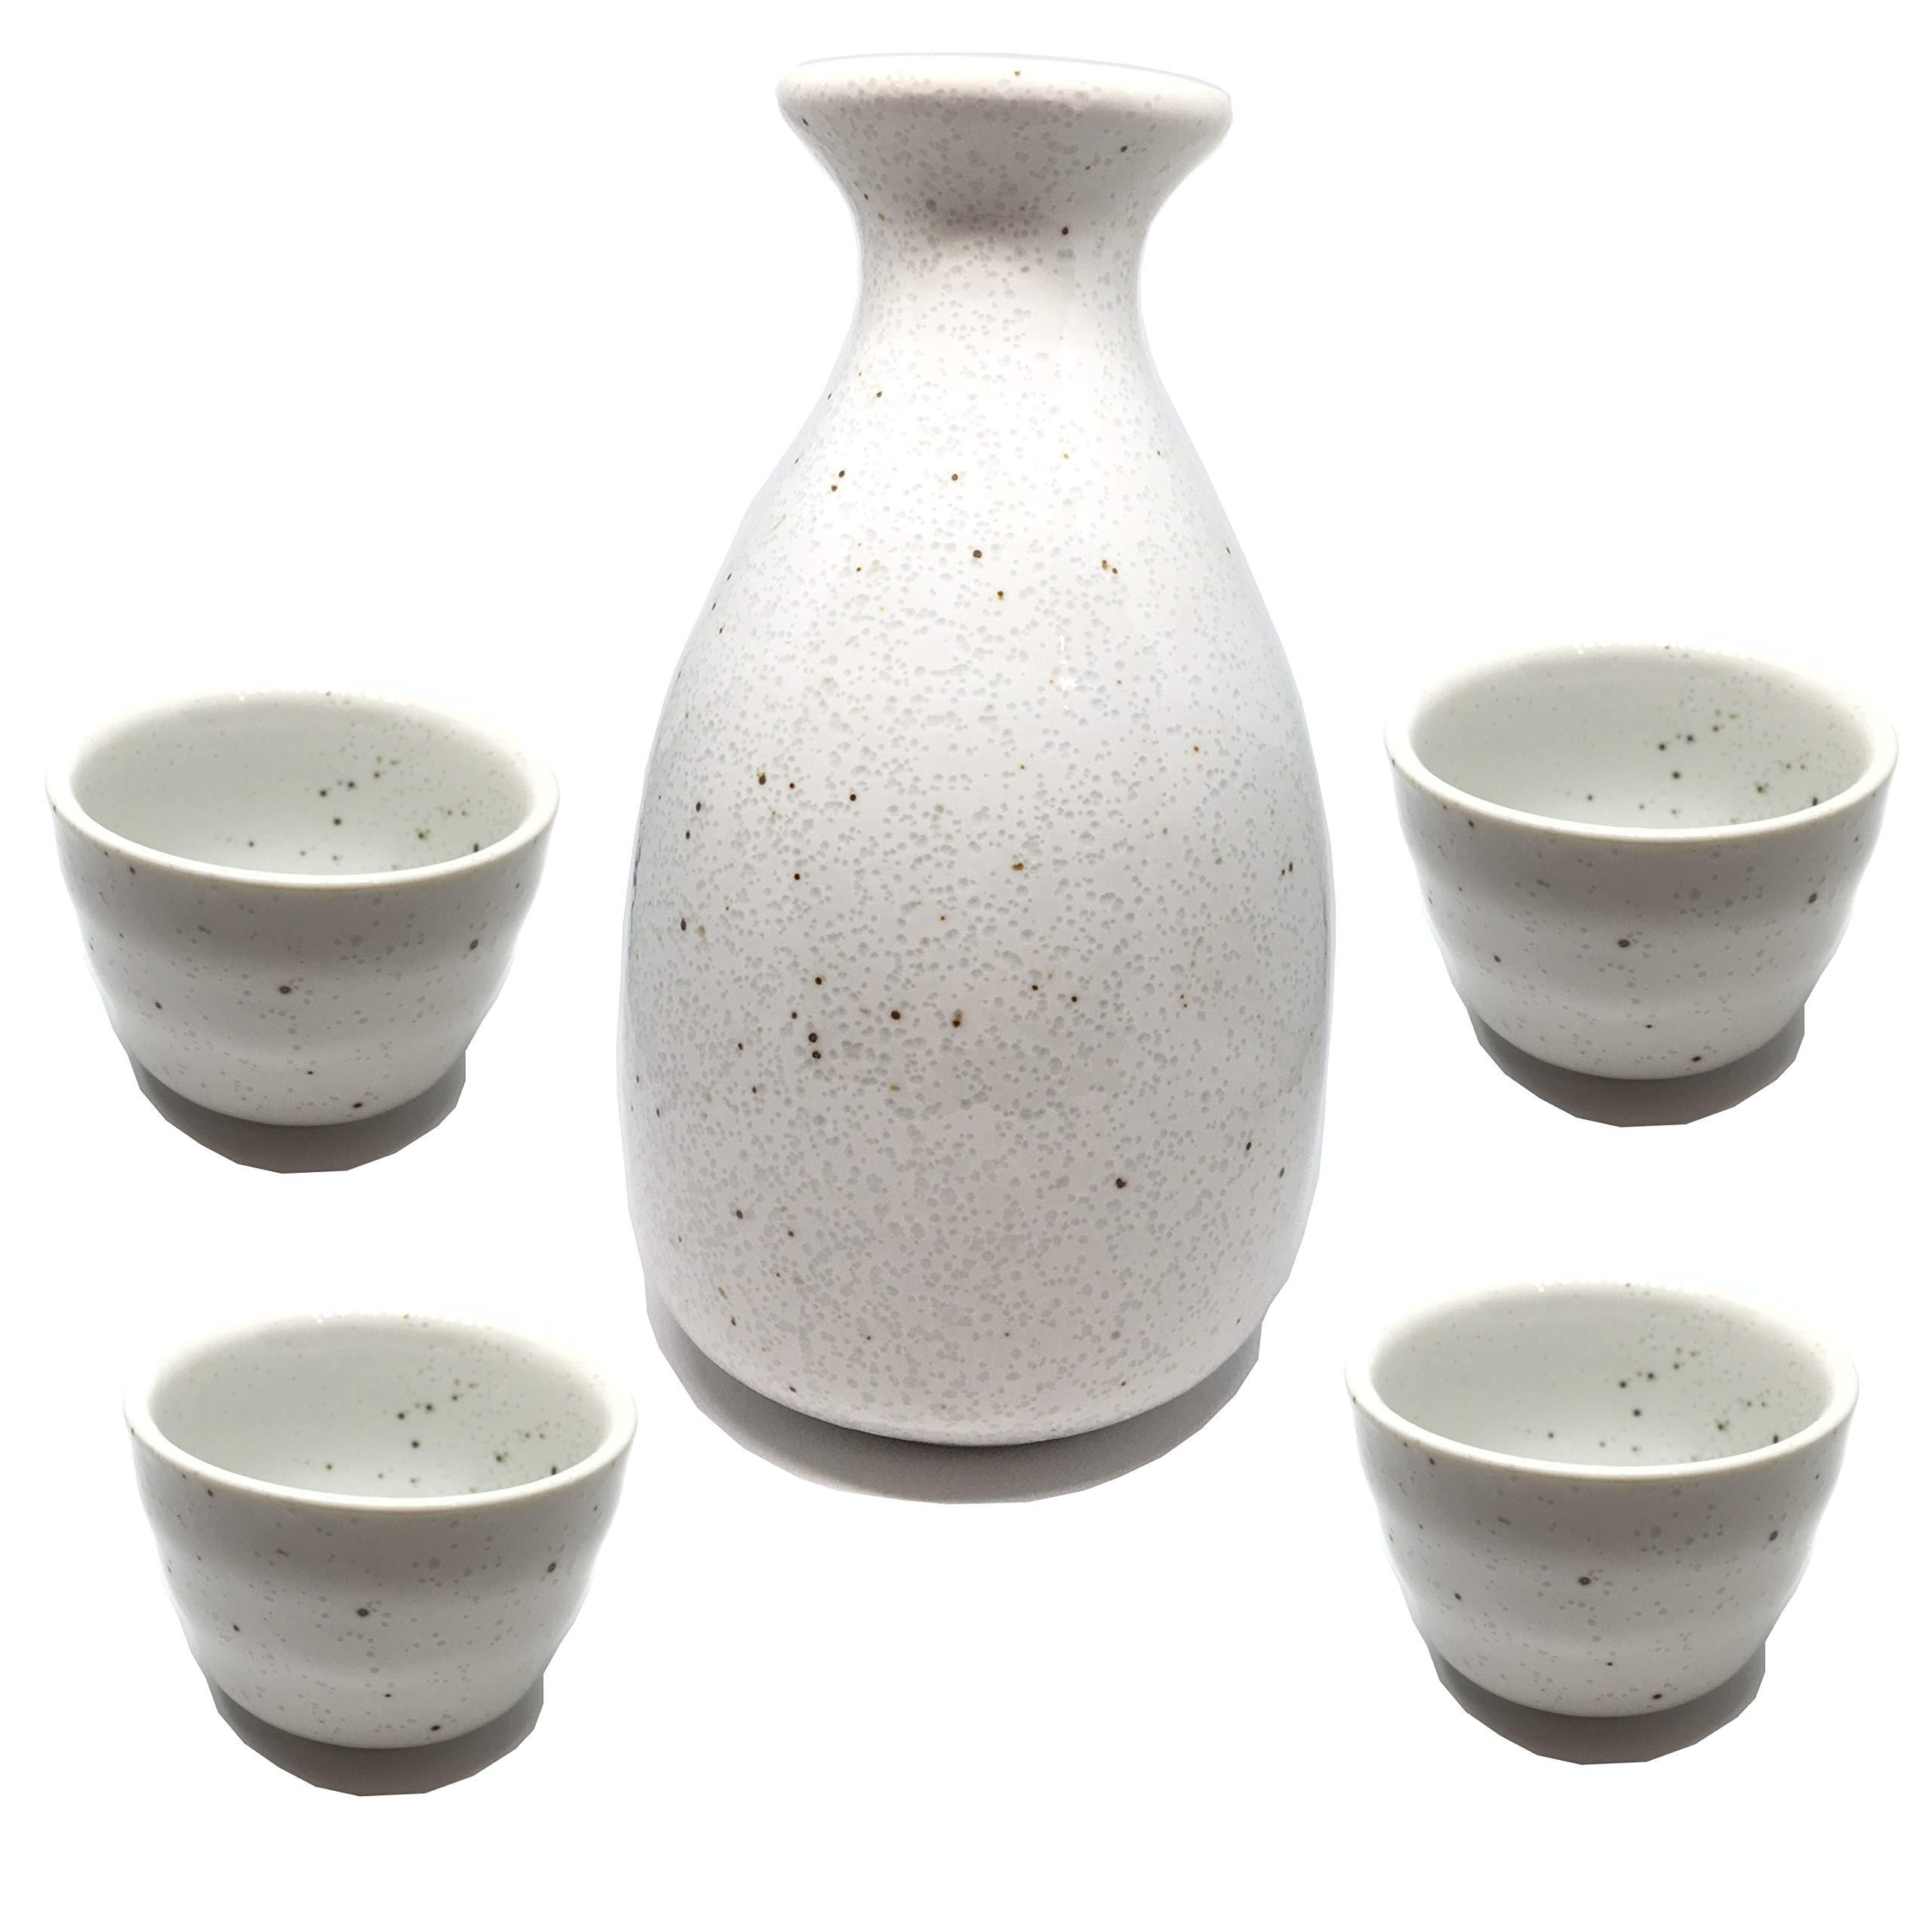 Japanese sake set 5 piece set,white sake bottle''tokkuri'' ×1,sake cup''ocyoko'' ×4 in gift box,Gifts and sushi party.